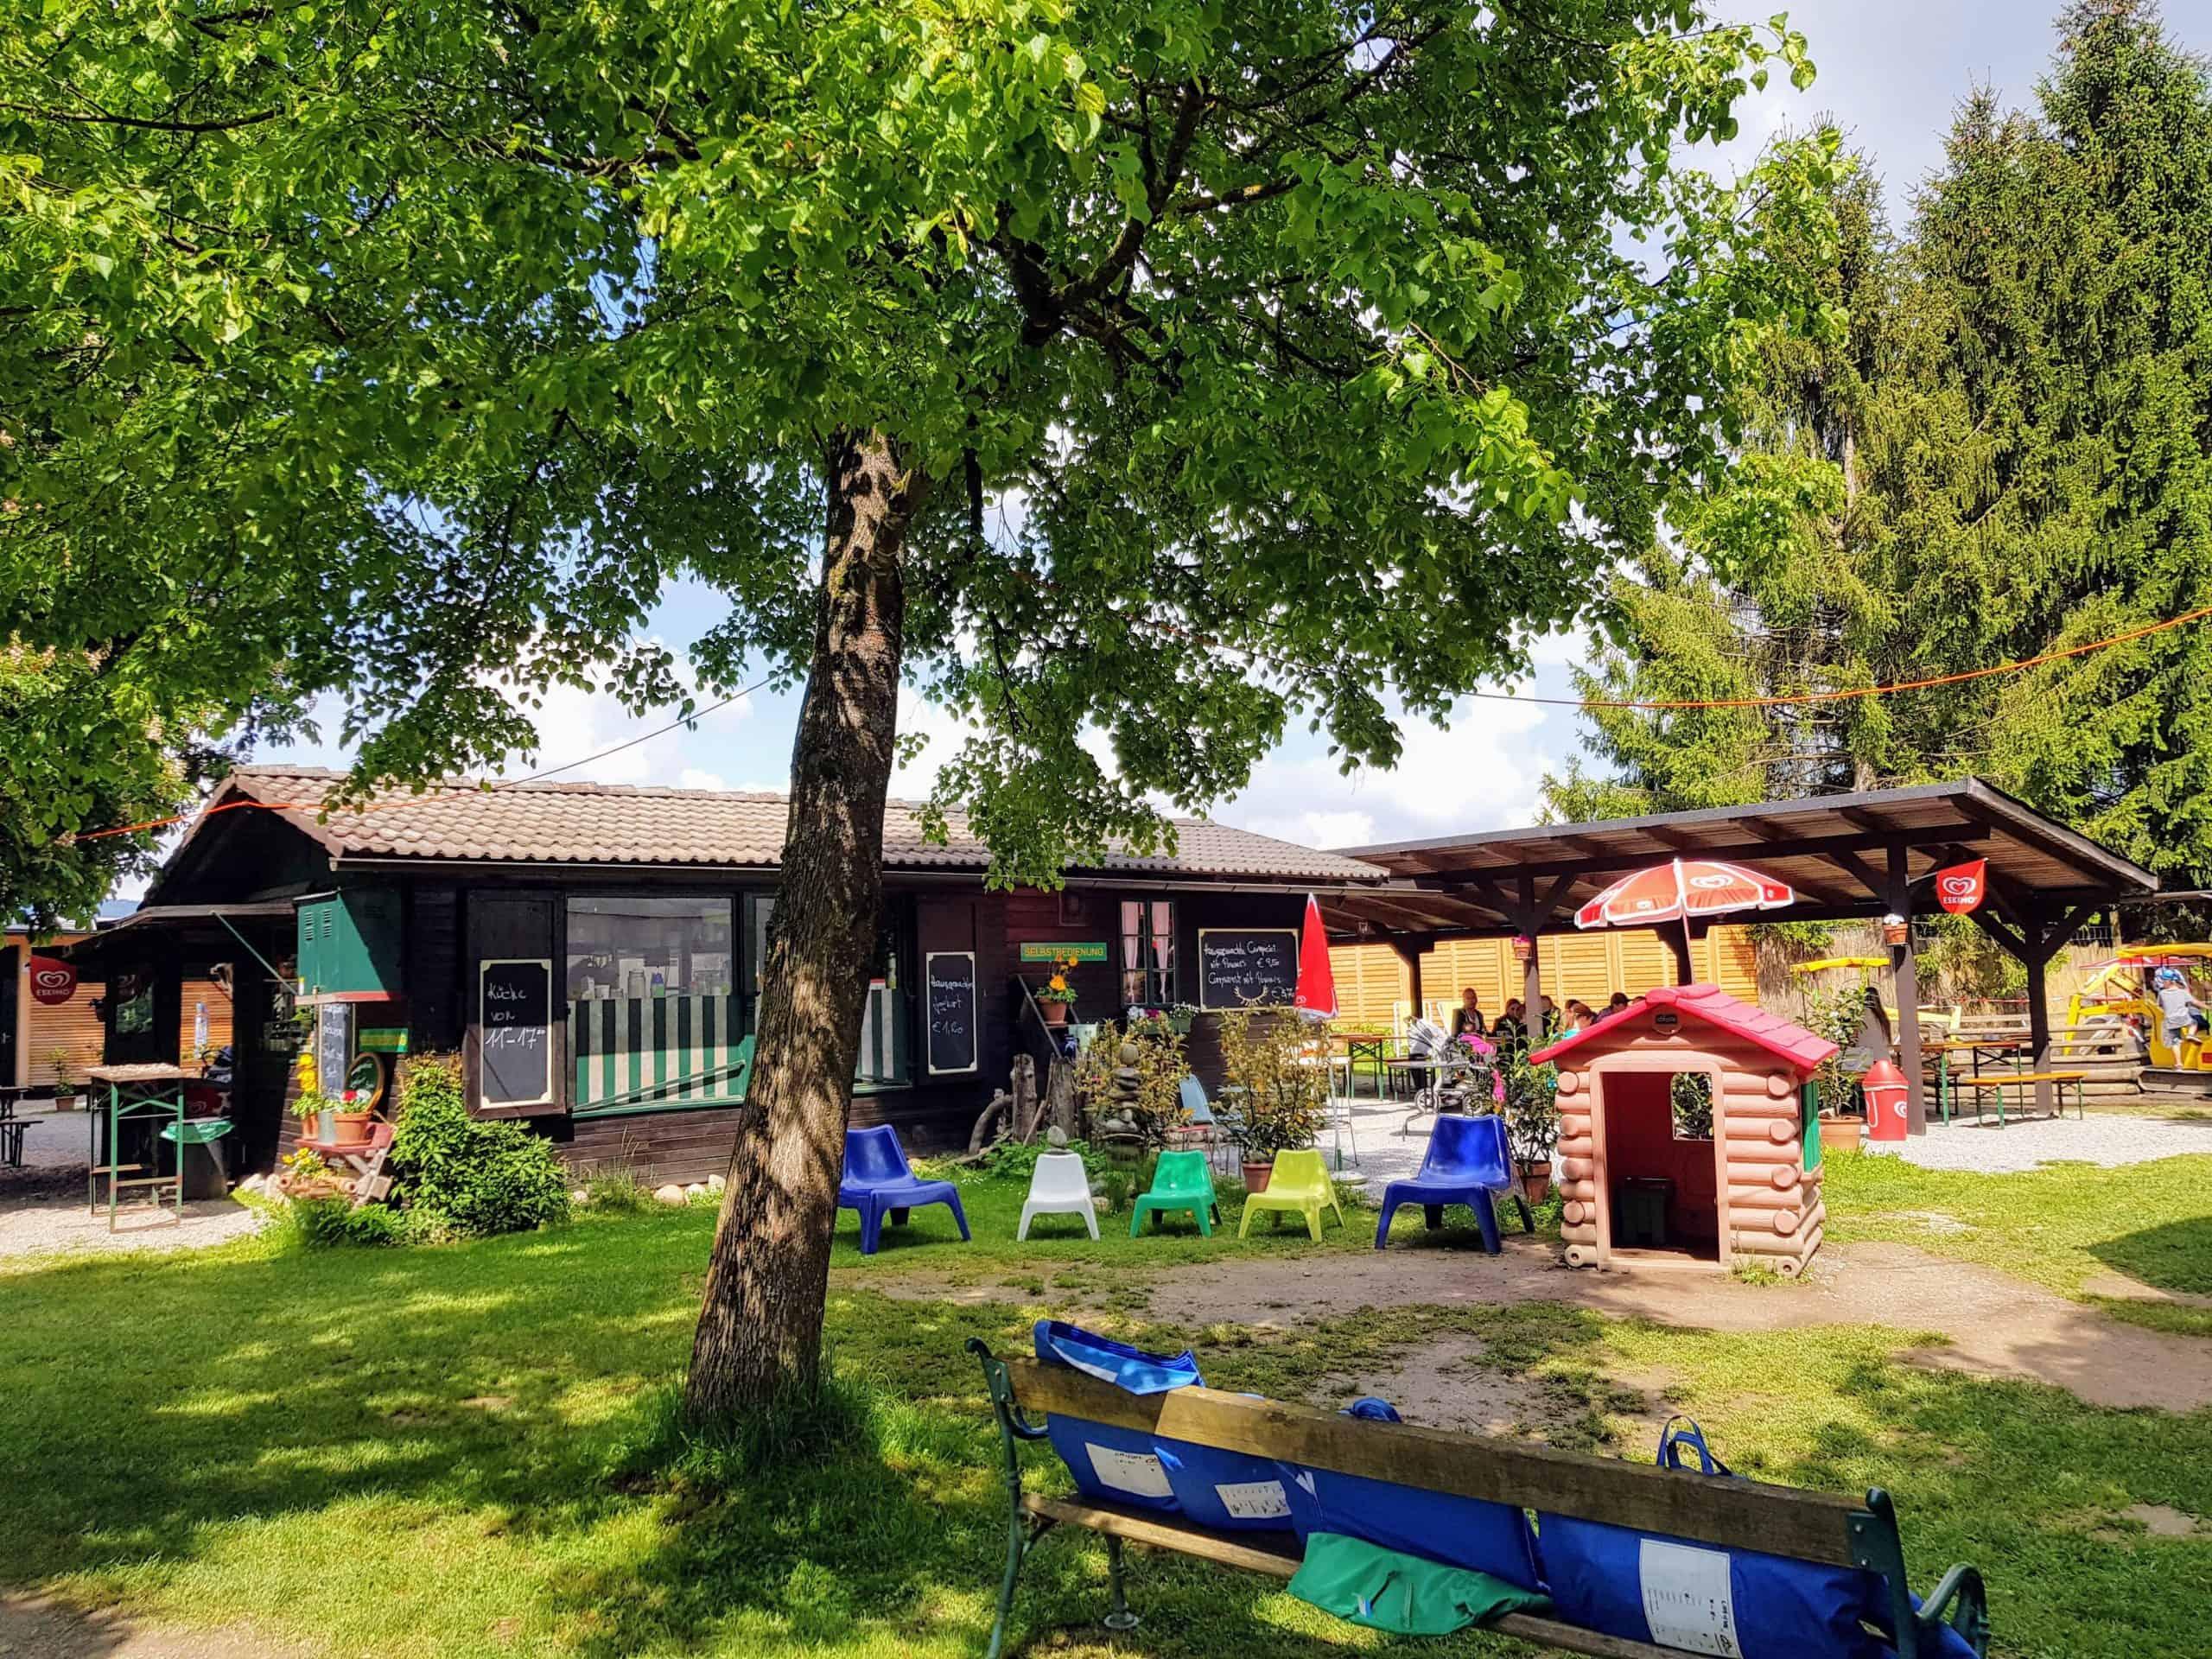 Tierparkbuffet mit Kinderbereich von außen